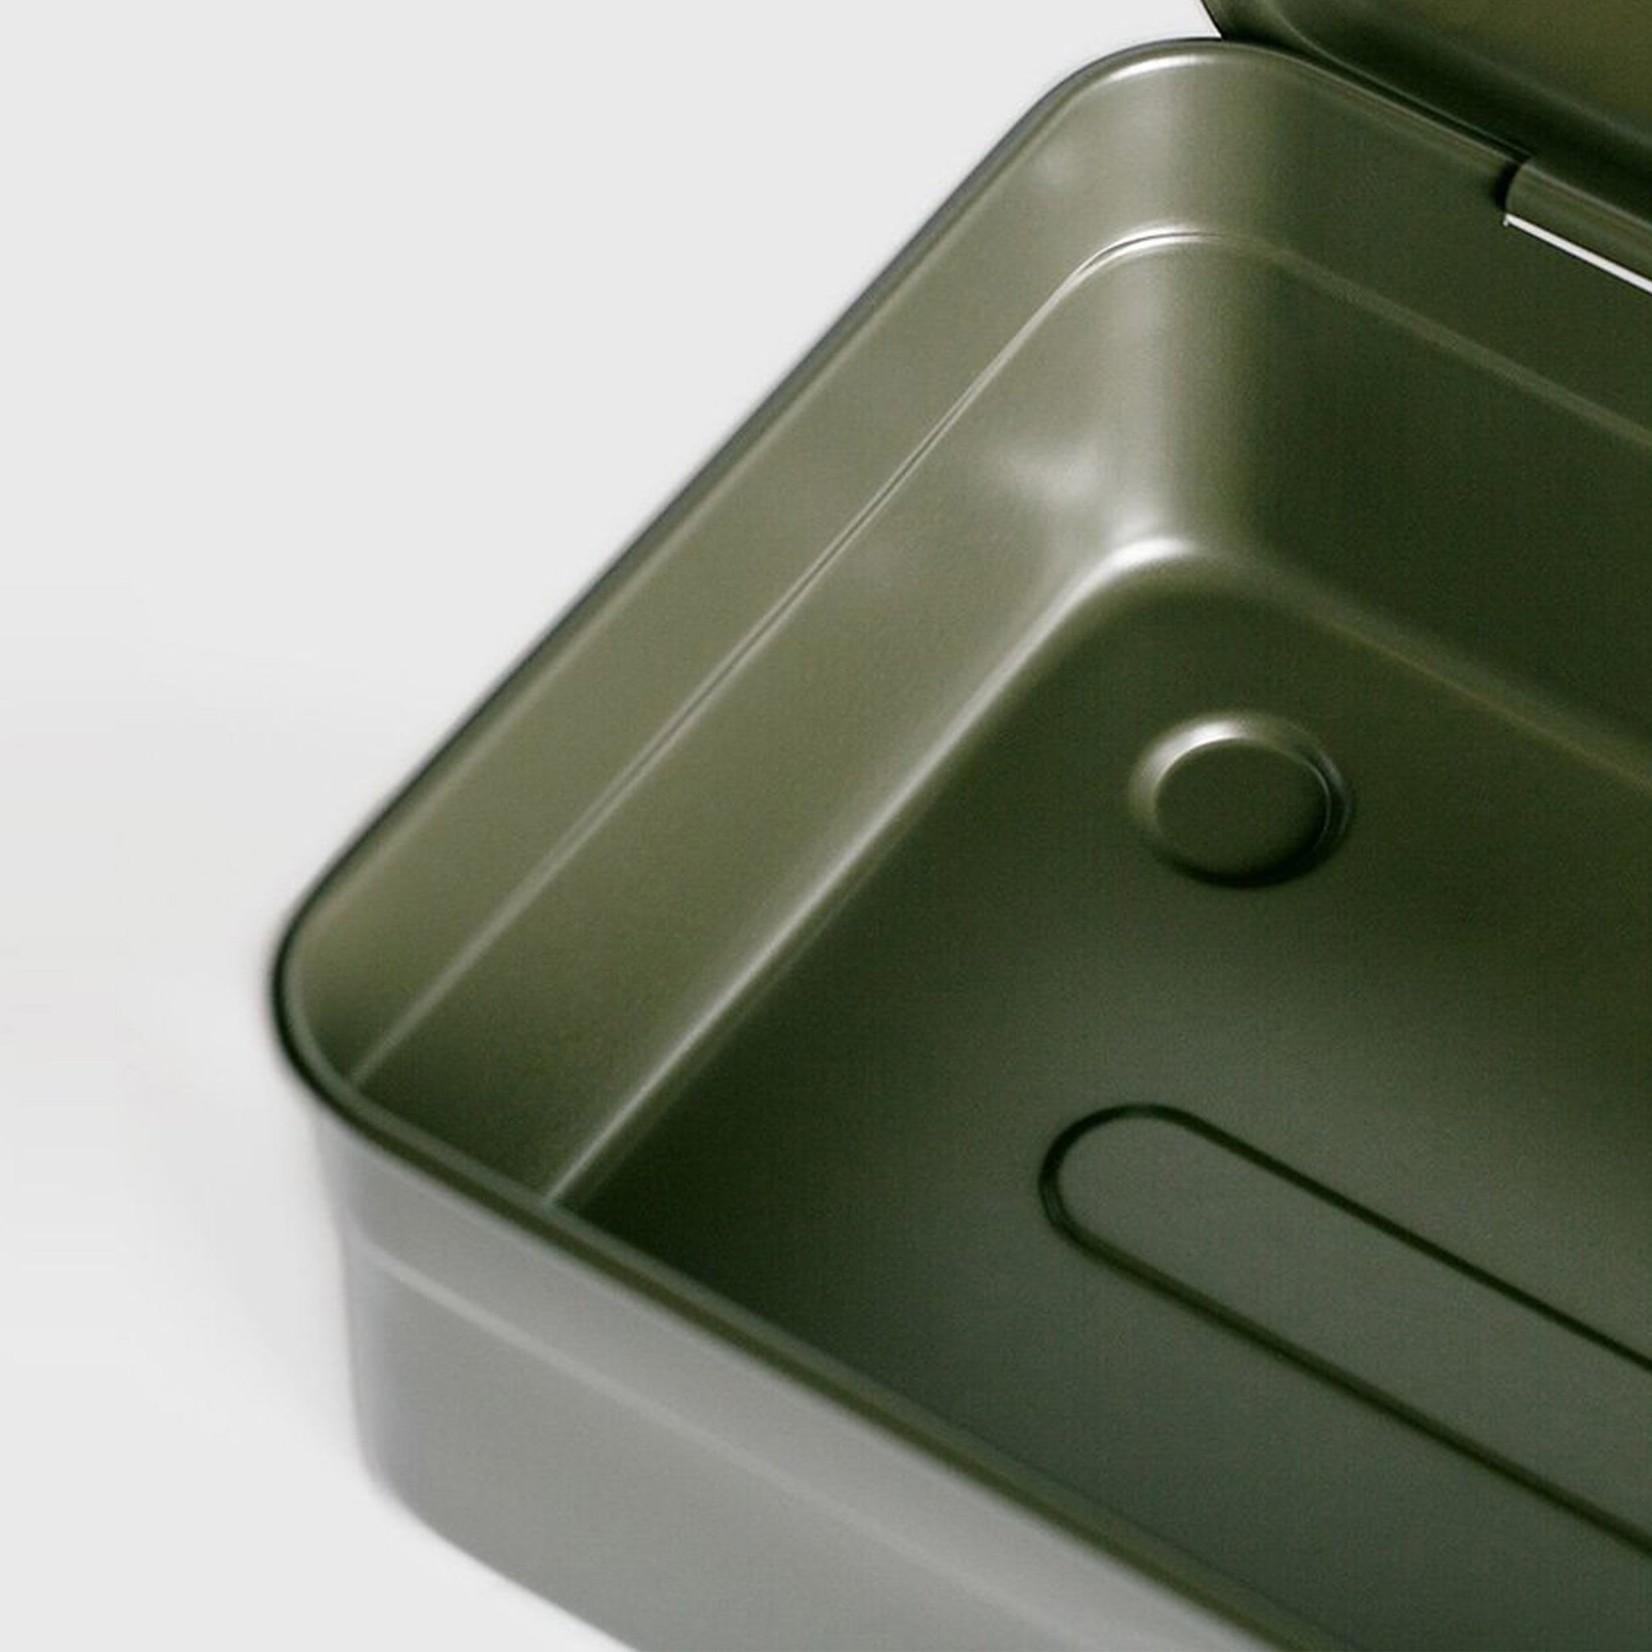 Toyo Toyo Steel Toolbox with Top Handle Y-350 Silver